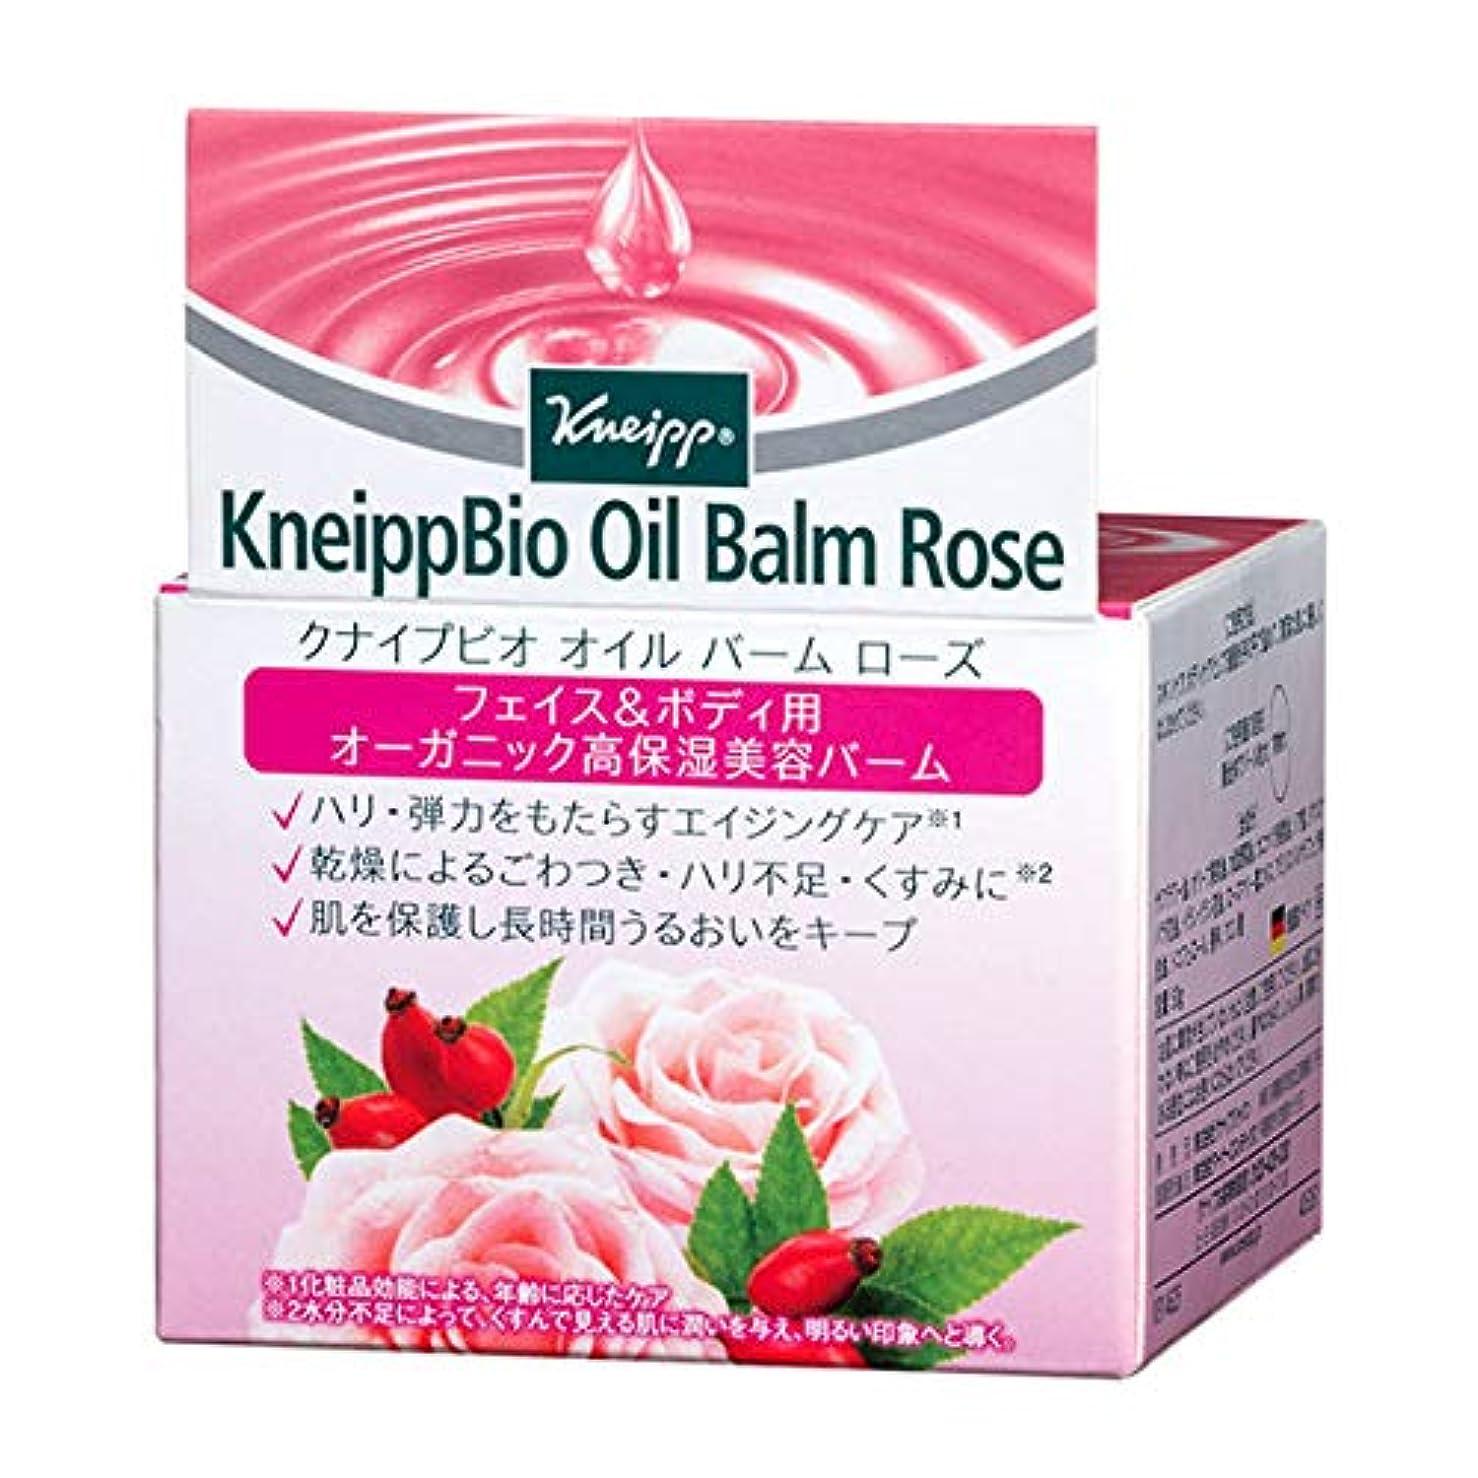 ホテル平均麻痺させるクナイプ(Kneipp) クナイプビオ オイル バーム ローズ 50g 美容液